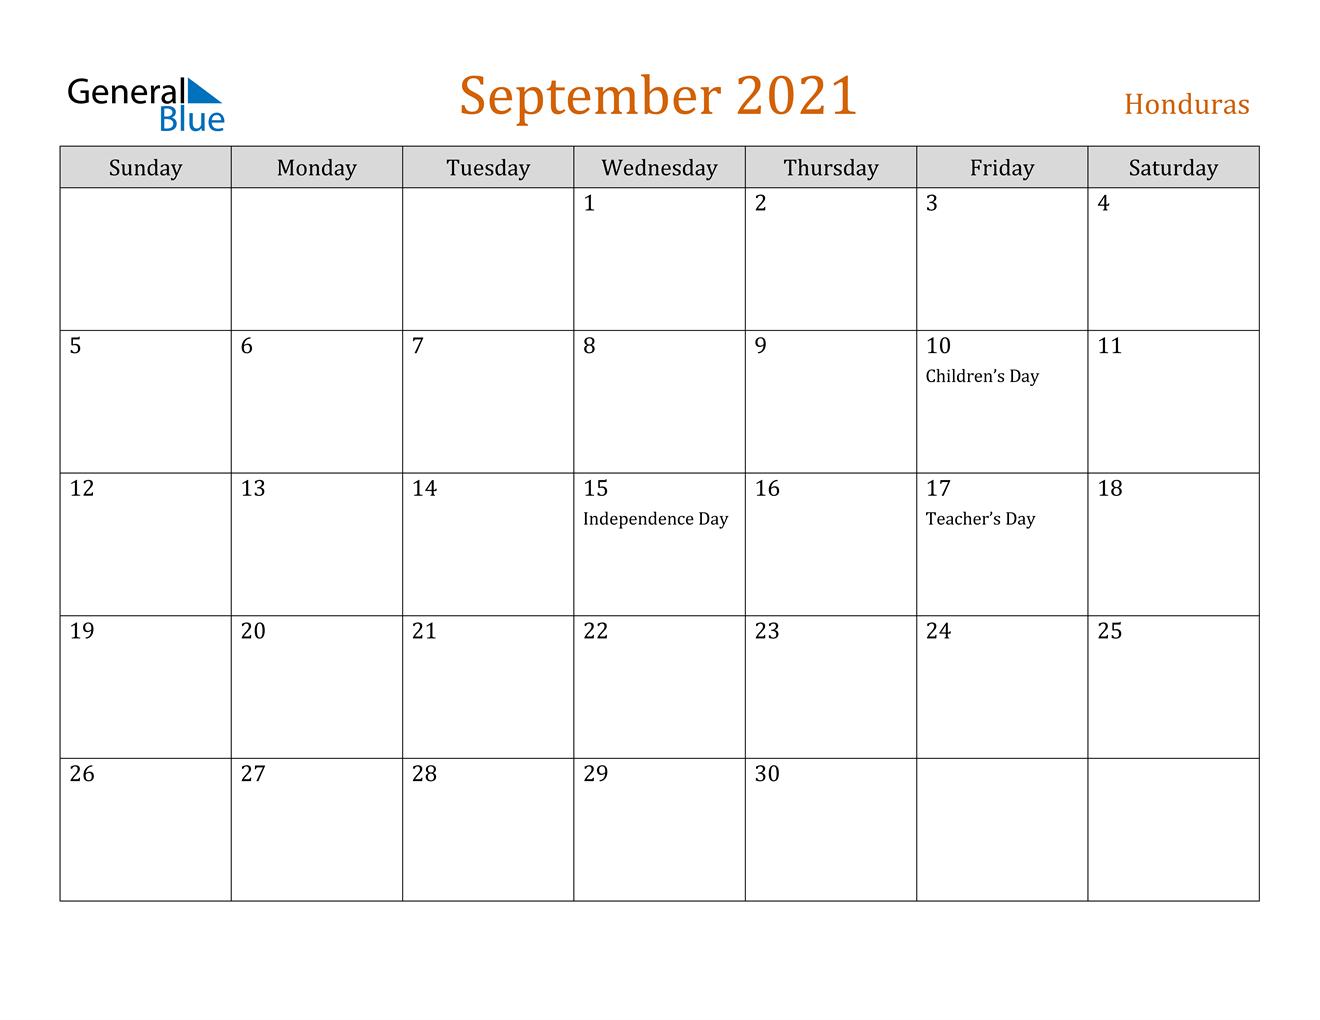 September 2021 Calendar - Honduras